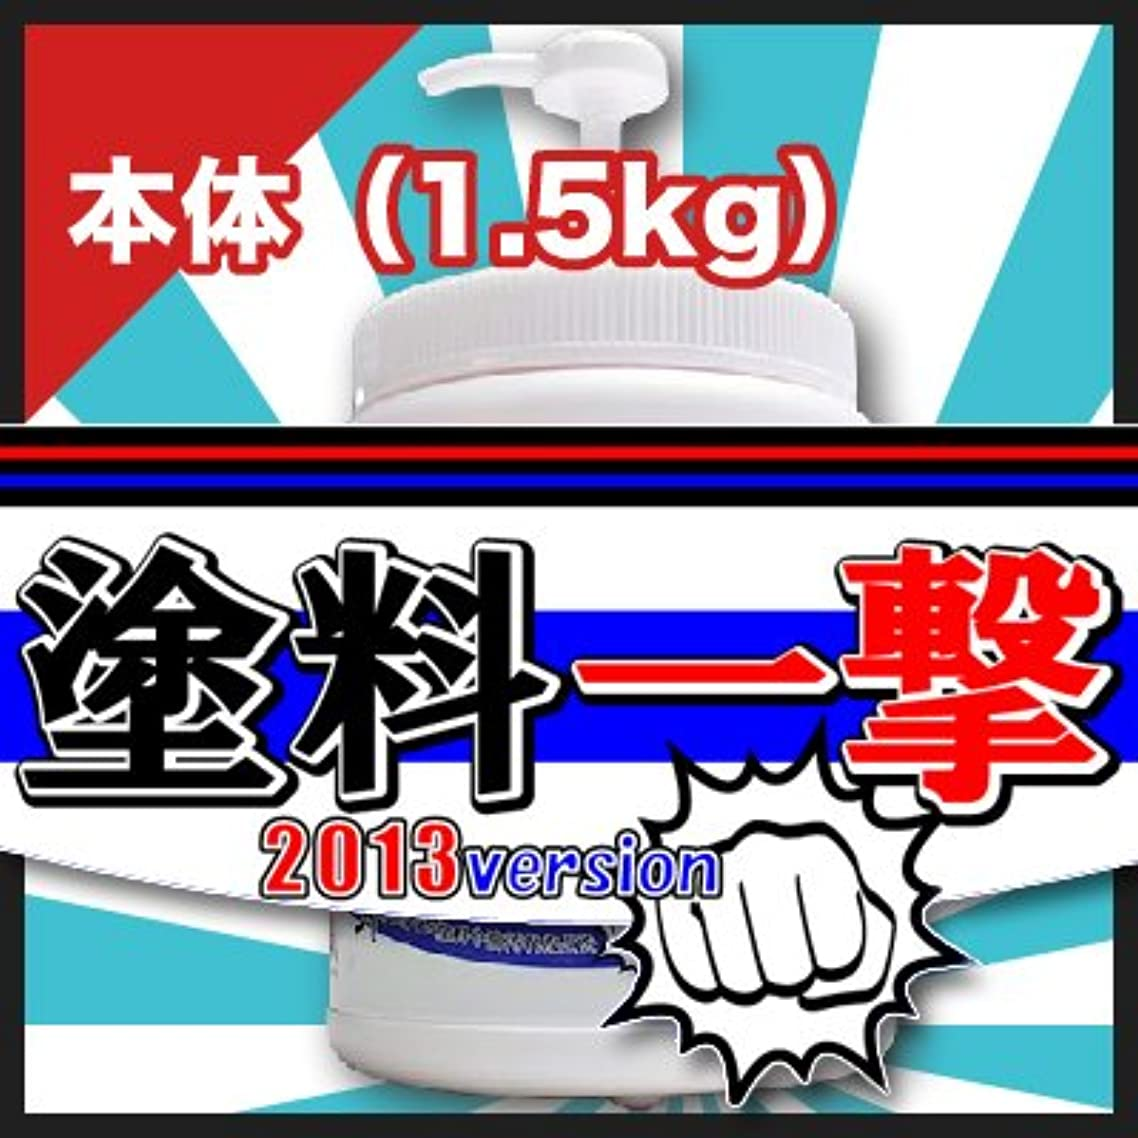 虫を数える甘味優勢D.Iプランニング 塗料一撃 2013 Version 本体 (1.5kg)